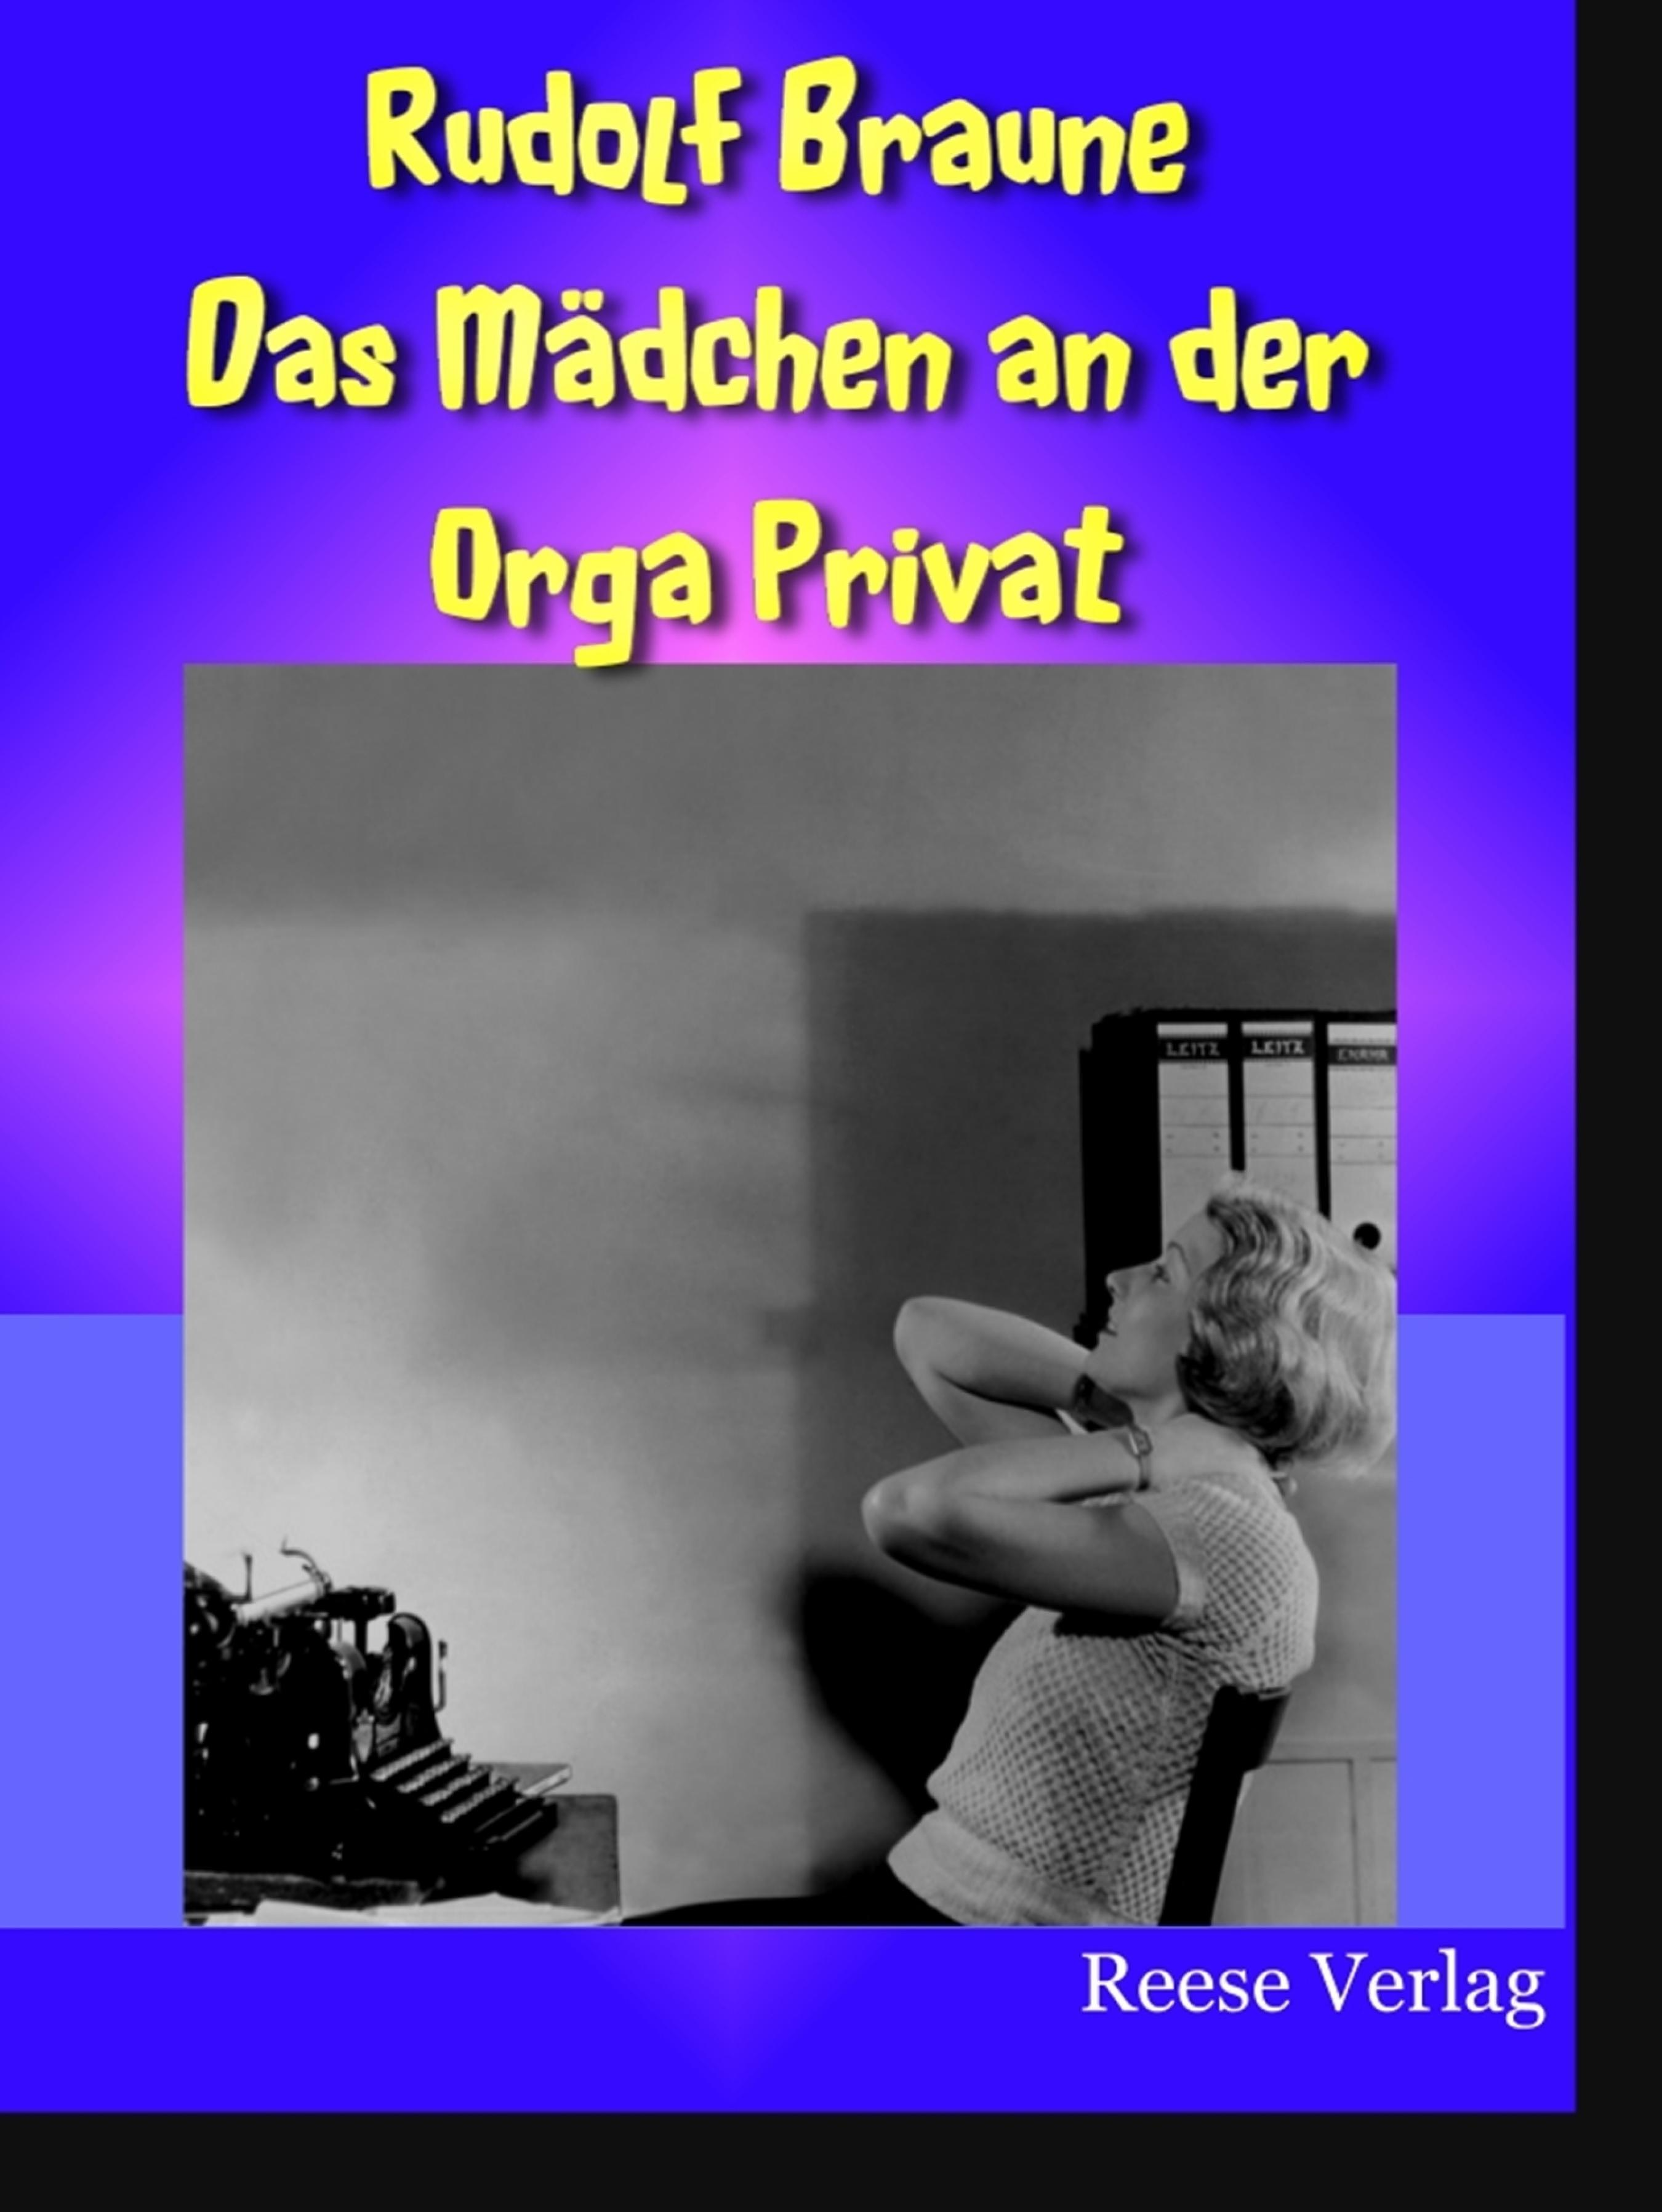 Rudolf Braune Das Mädchen an der Orga Privat